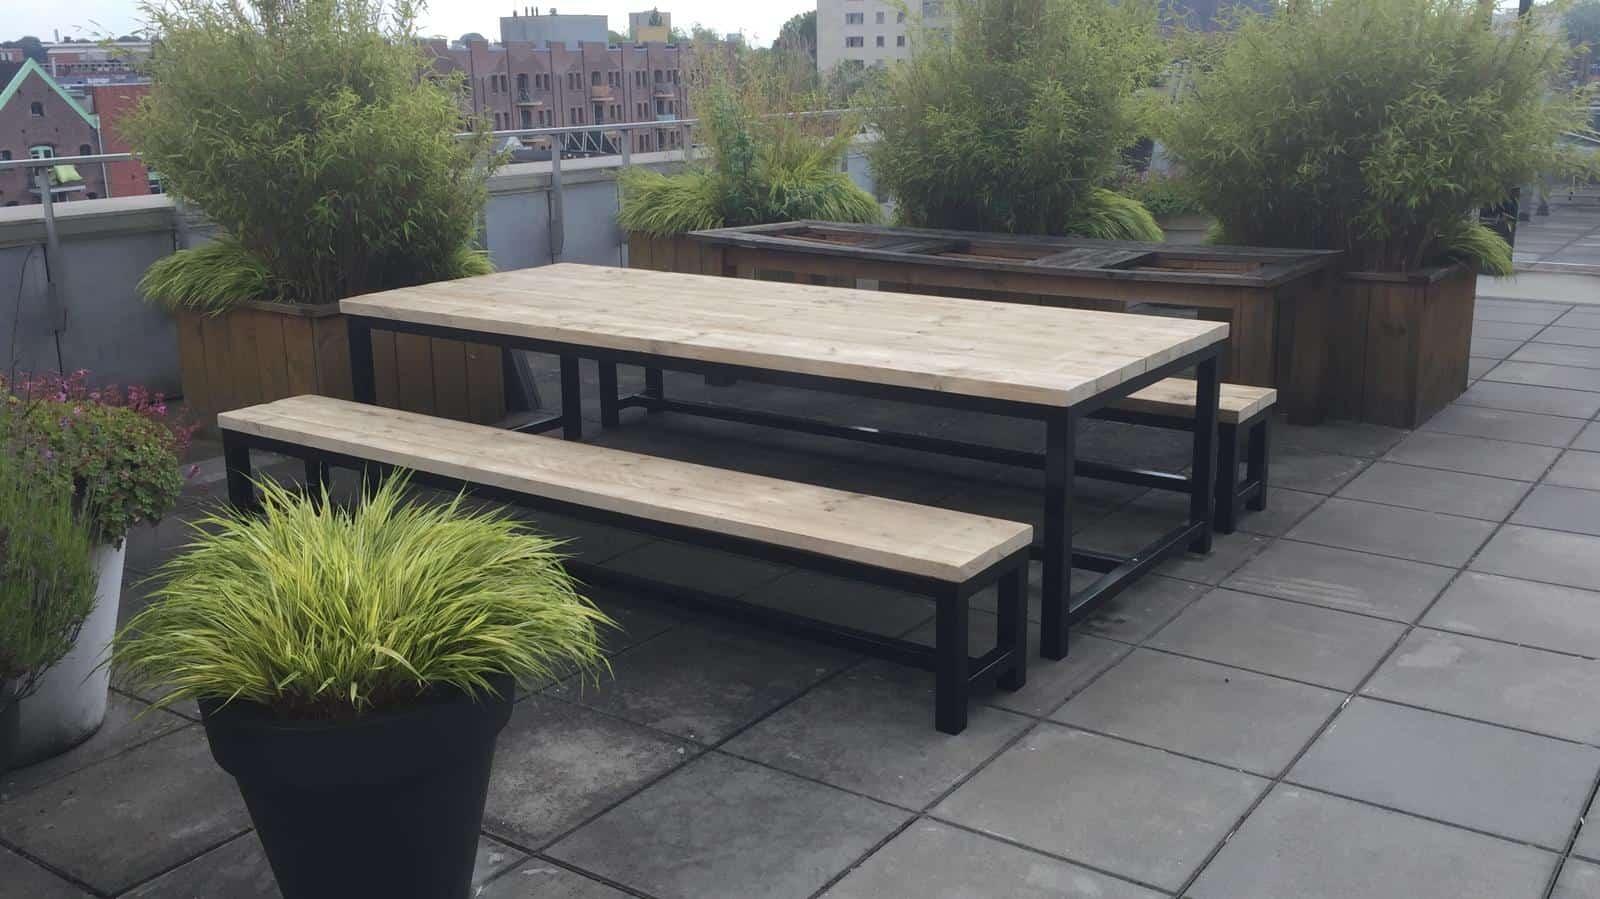 Inrichting dakterras met industriele steigerhouten meubelen